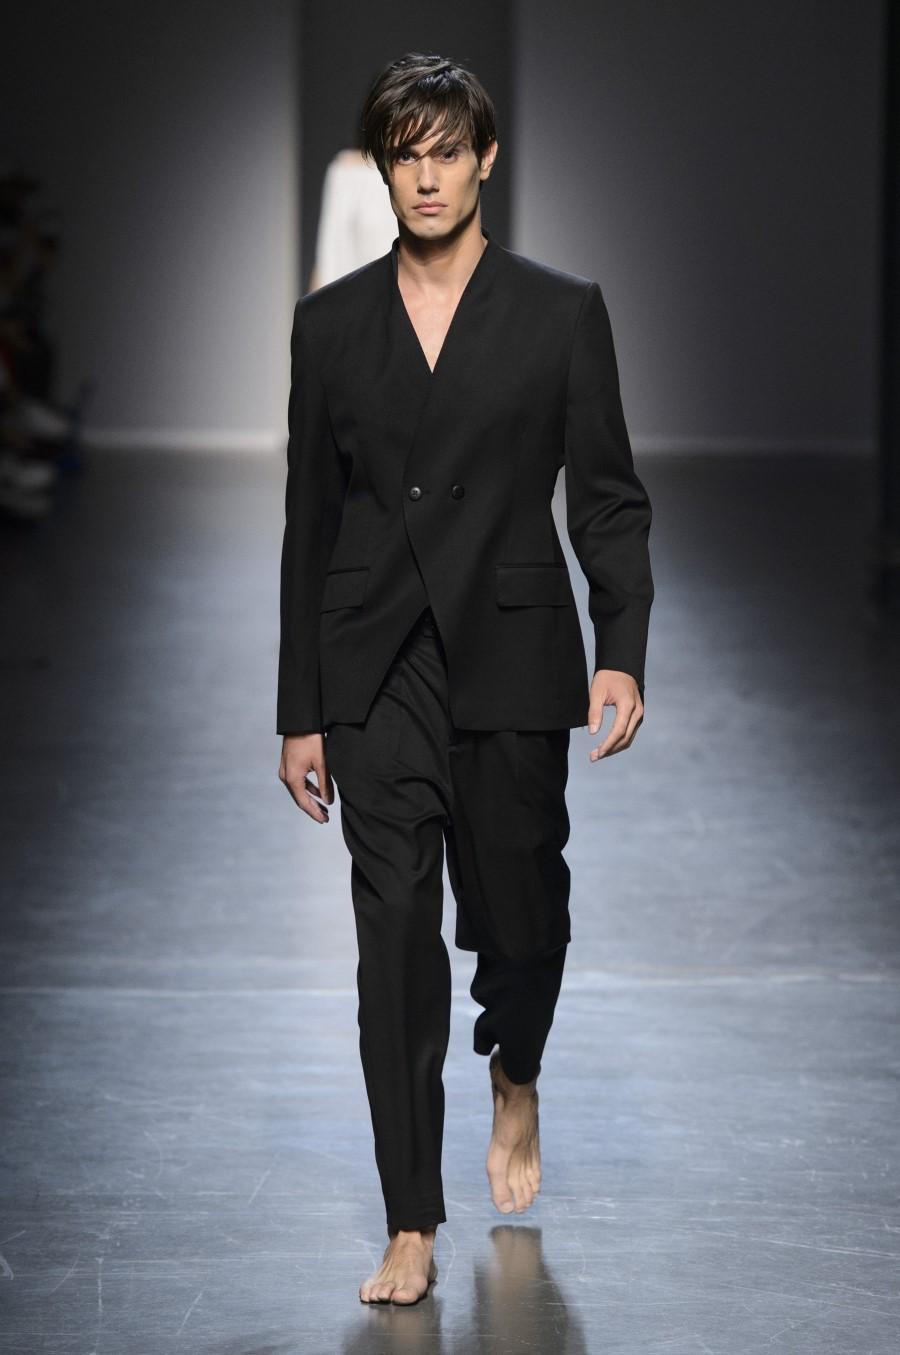 Sartorial Monk Spring Summer 2019 - Milan Fashion Week